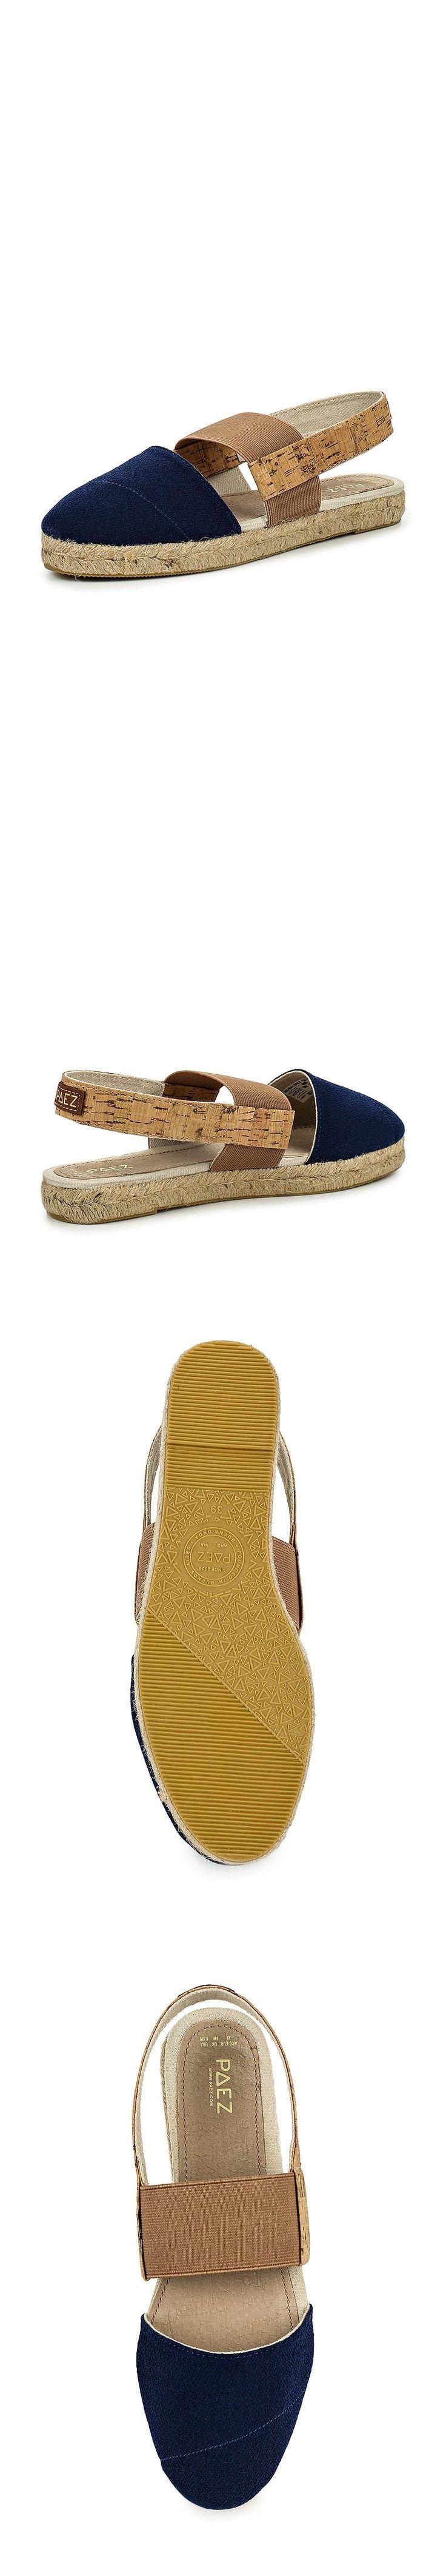 Женская обувь сандалии Paez за 3220.00 руб.